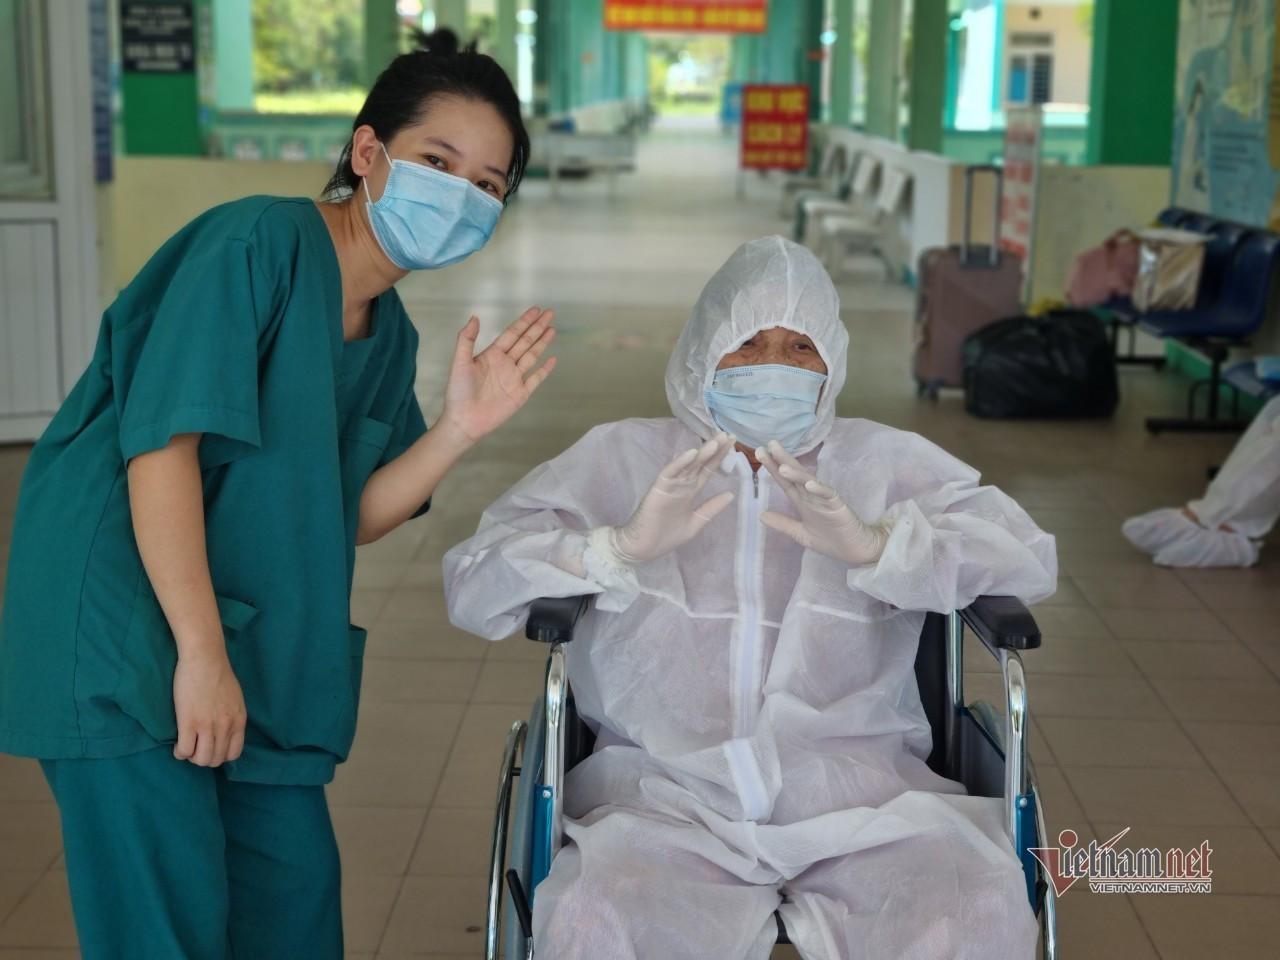 Bệnh nhân 81 tuổi mắc Covid-19 ở Đà Nẵng từng thở máy, lọc máu đã xuất viện-2